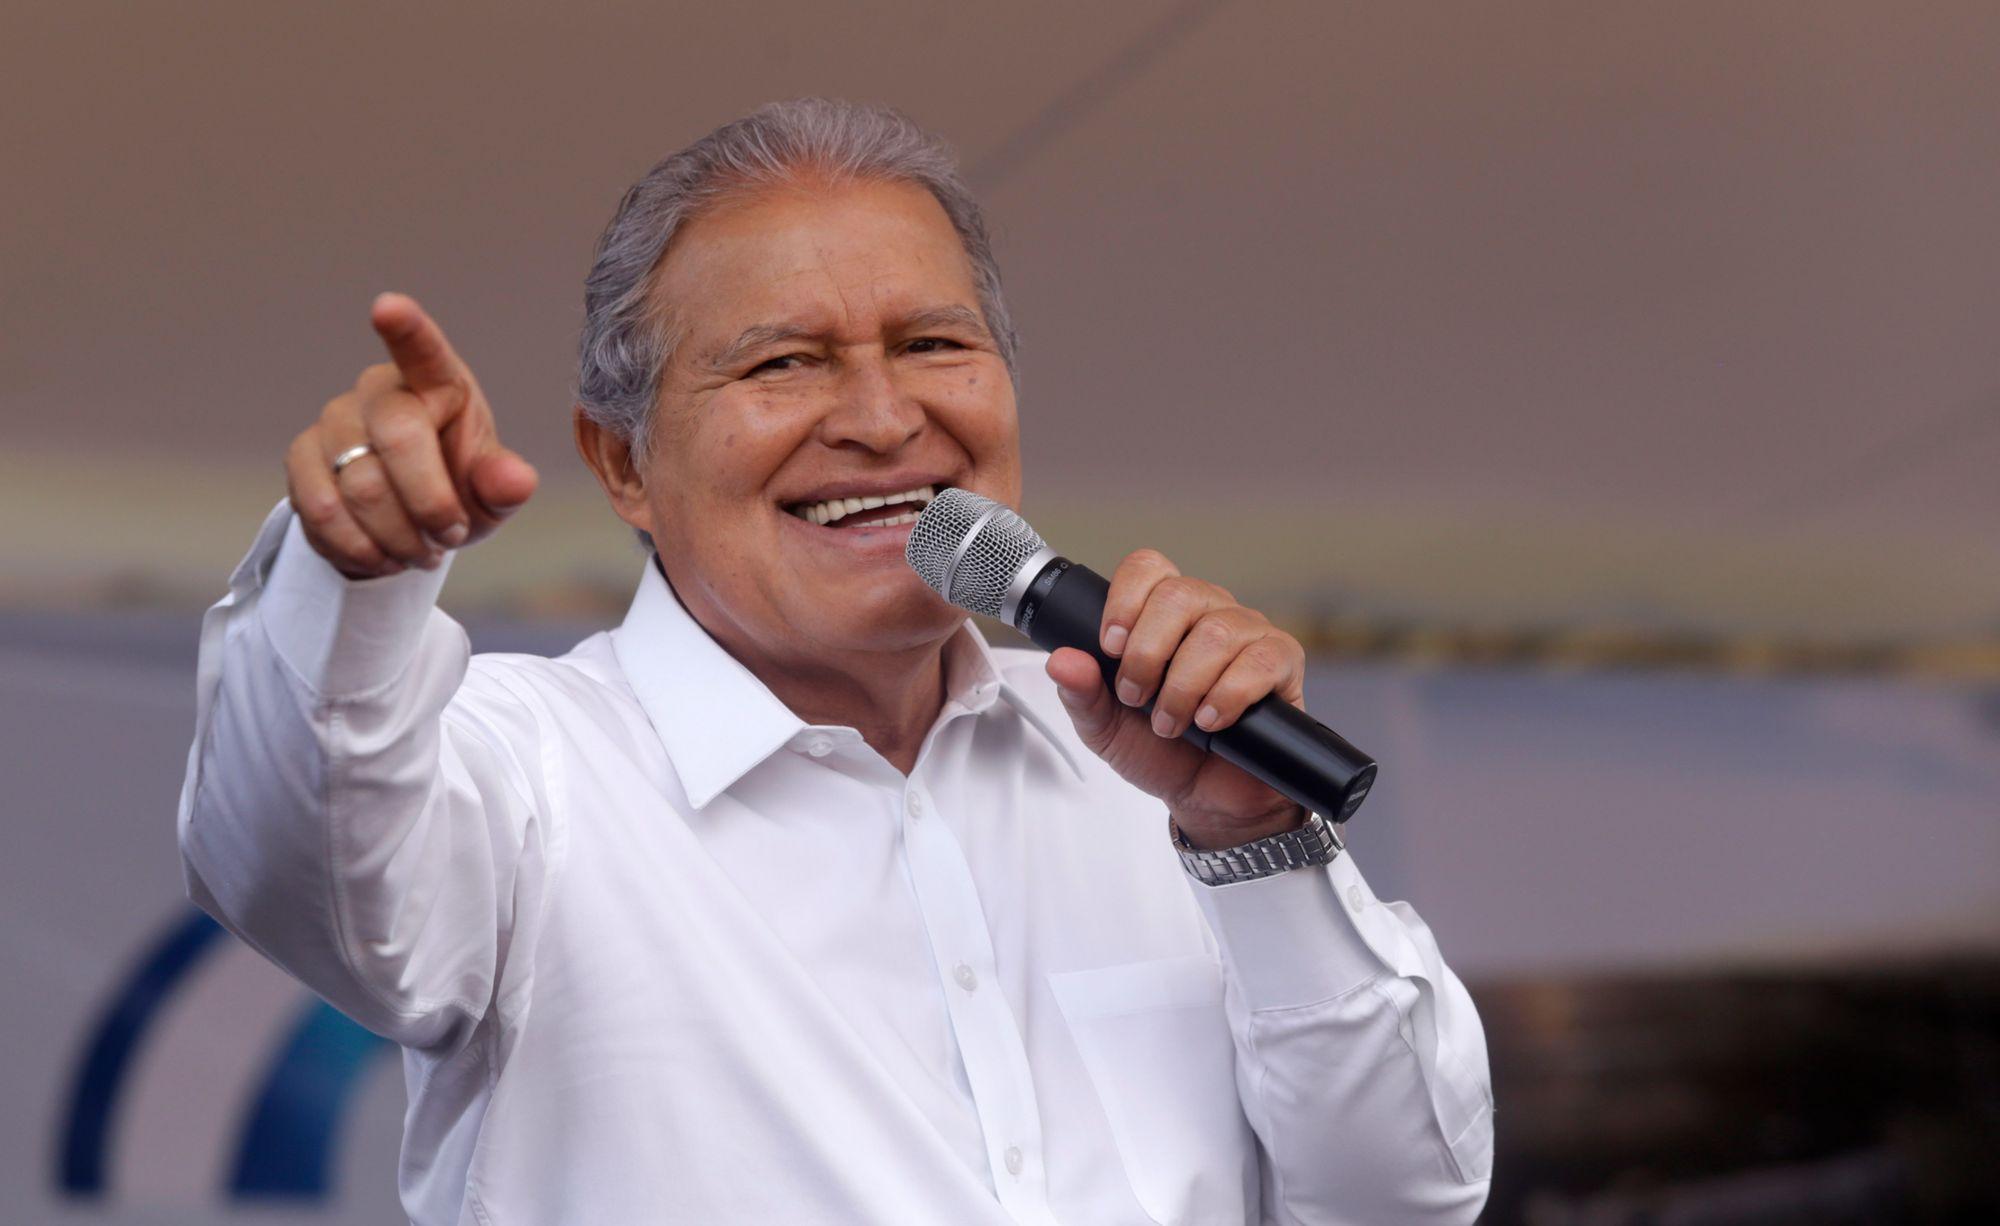 Expresidente Sánchez Céren salió del país hace seis meses con rumbo a  Nicaragua - ContraPunto